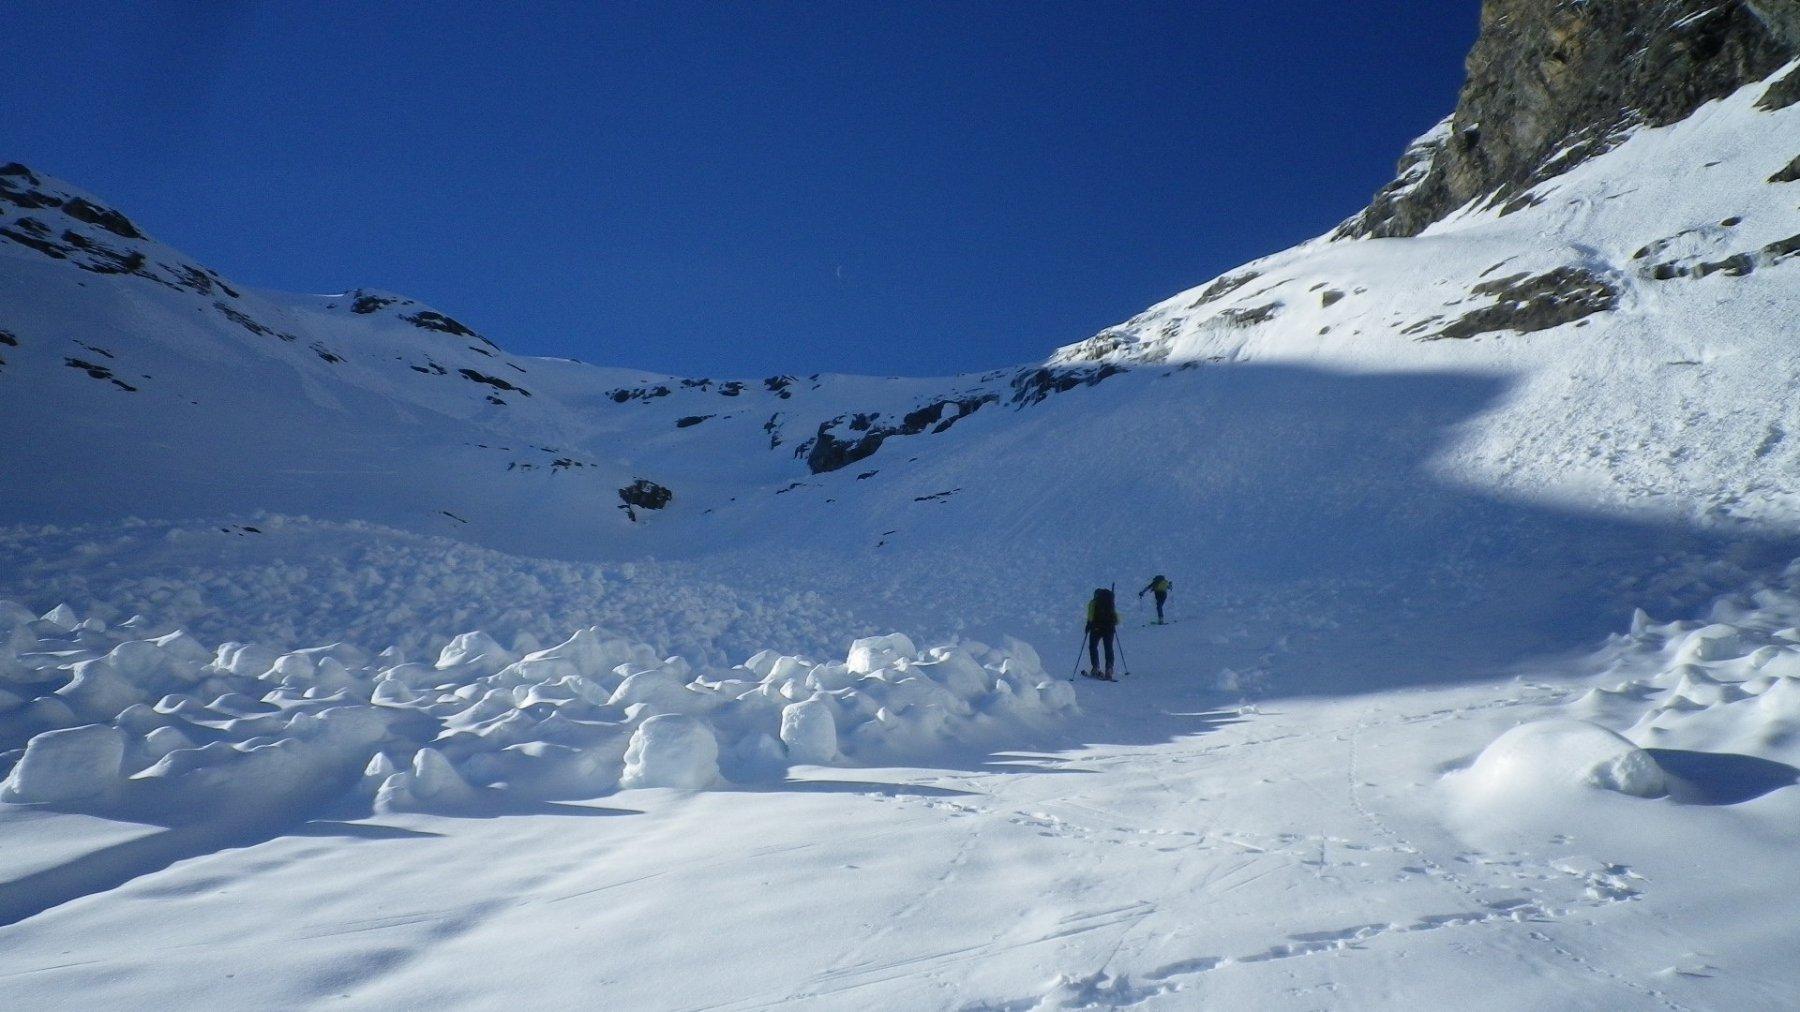 Appena calzati gli sci, intorno ai 2500 mt